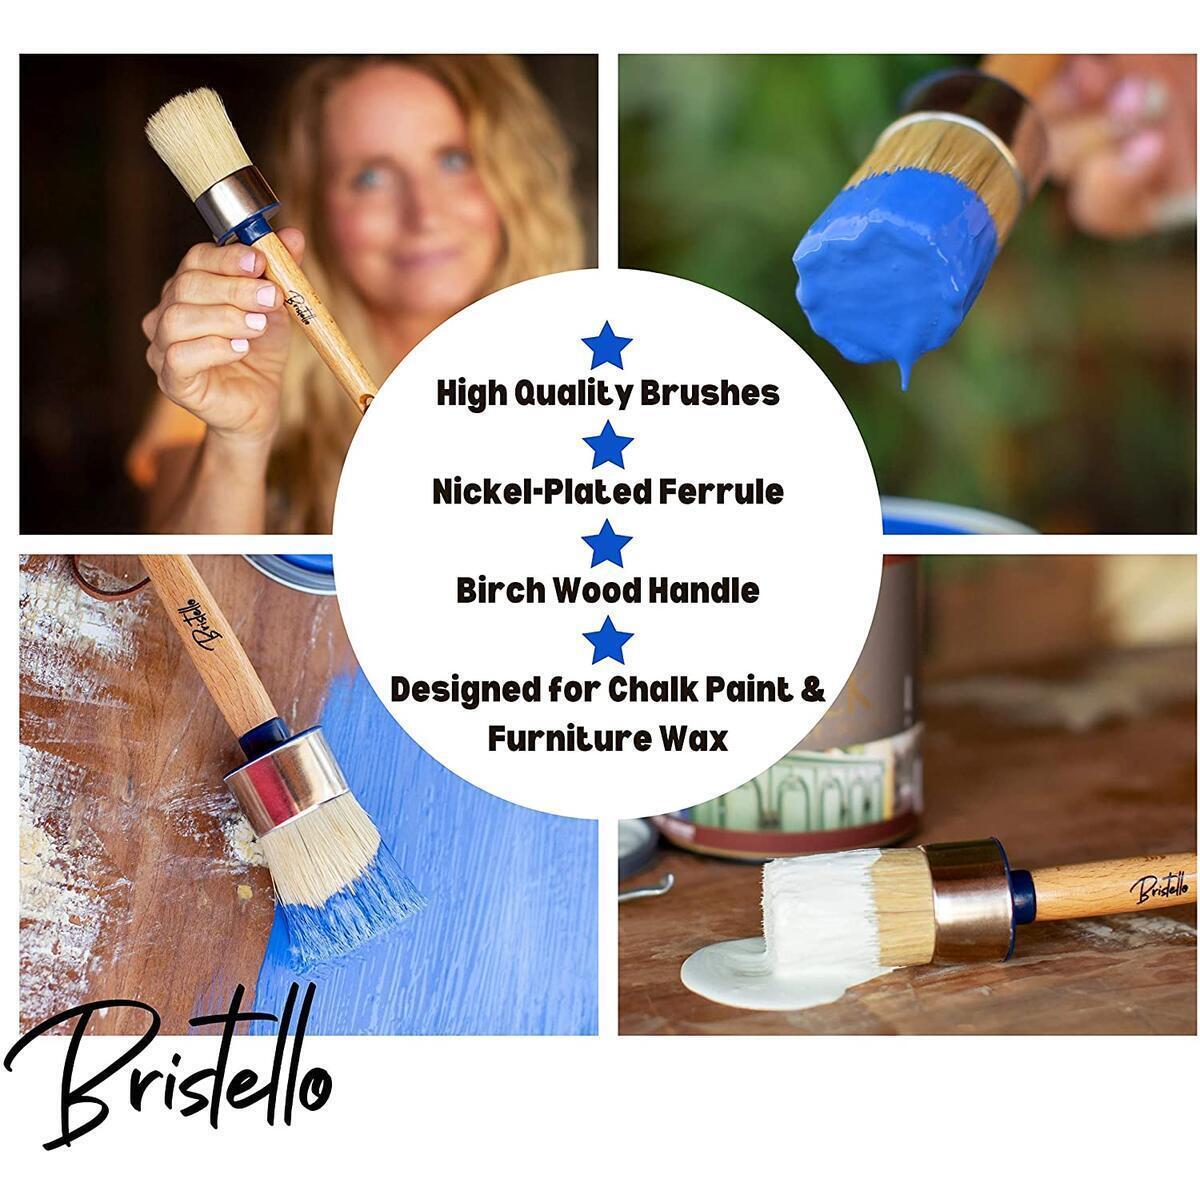 Bristello Wax Brush Chalk Paint Brush. 1x Round Furniture Paint Brush/Chalk Paint Brushes for Furniture Painting. Large 2 Inch Paint Brush - Stencil Brush, Milk Paint and Wax Paintbrush